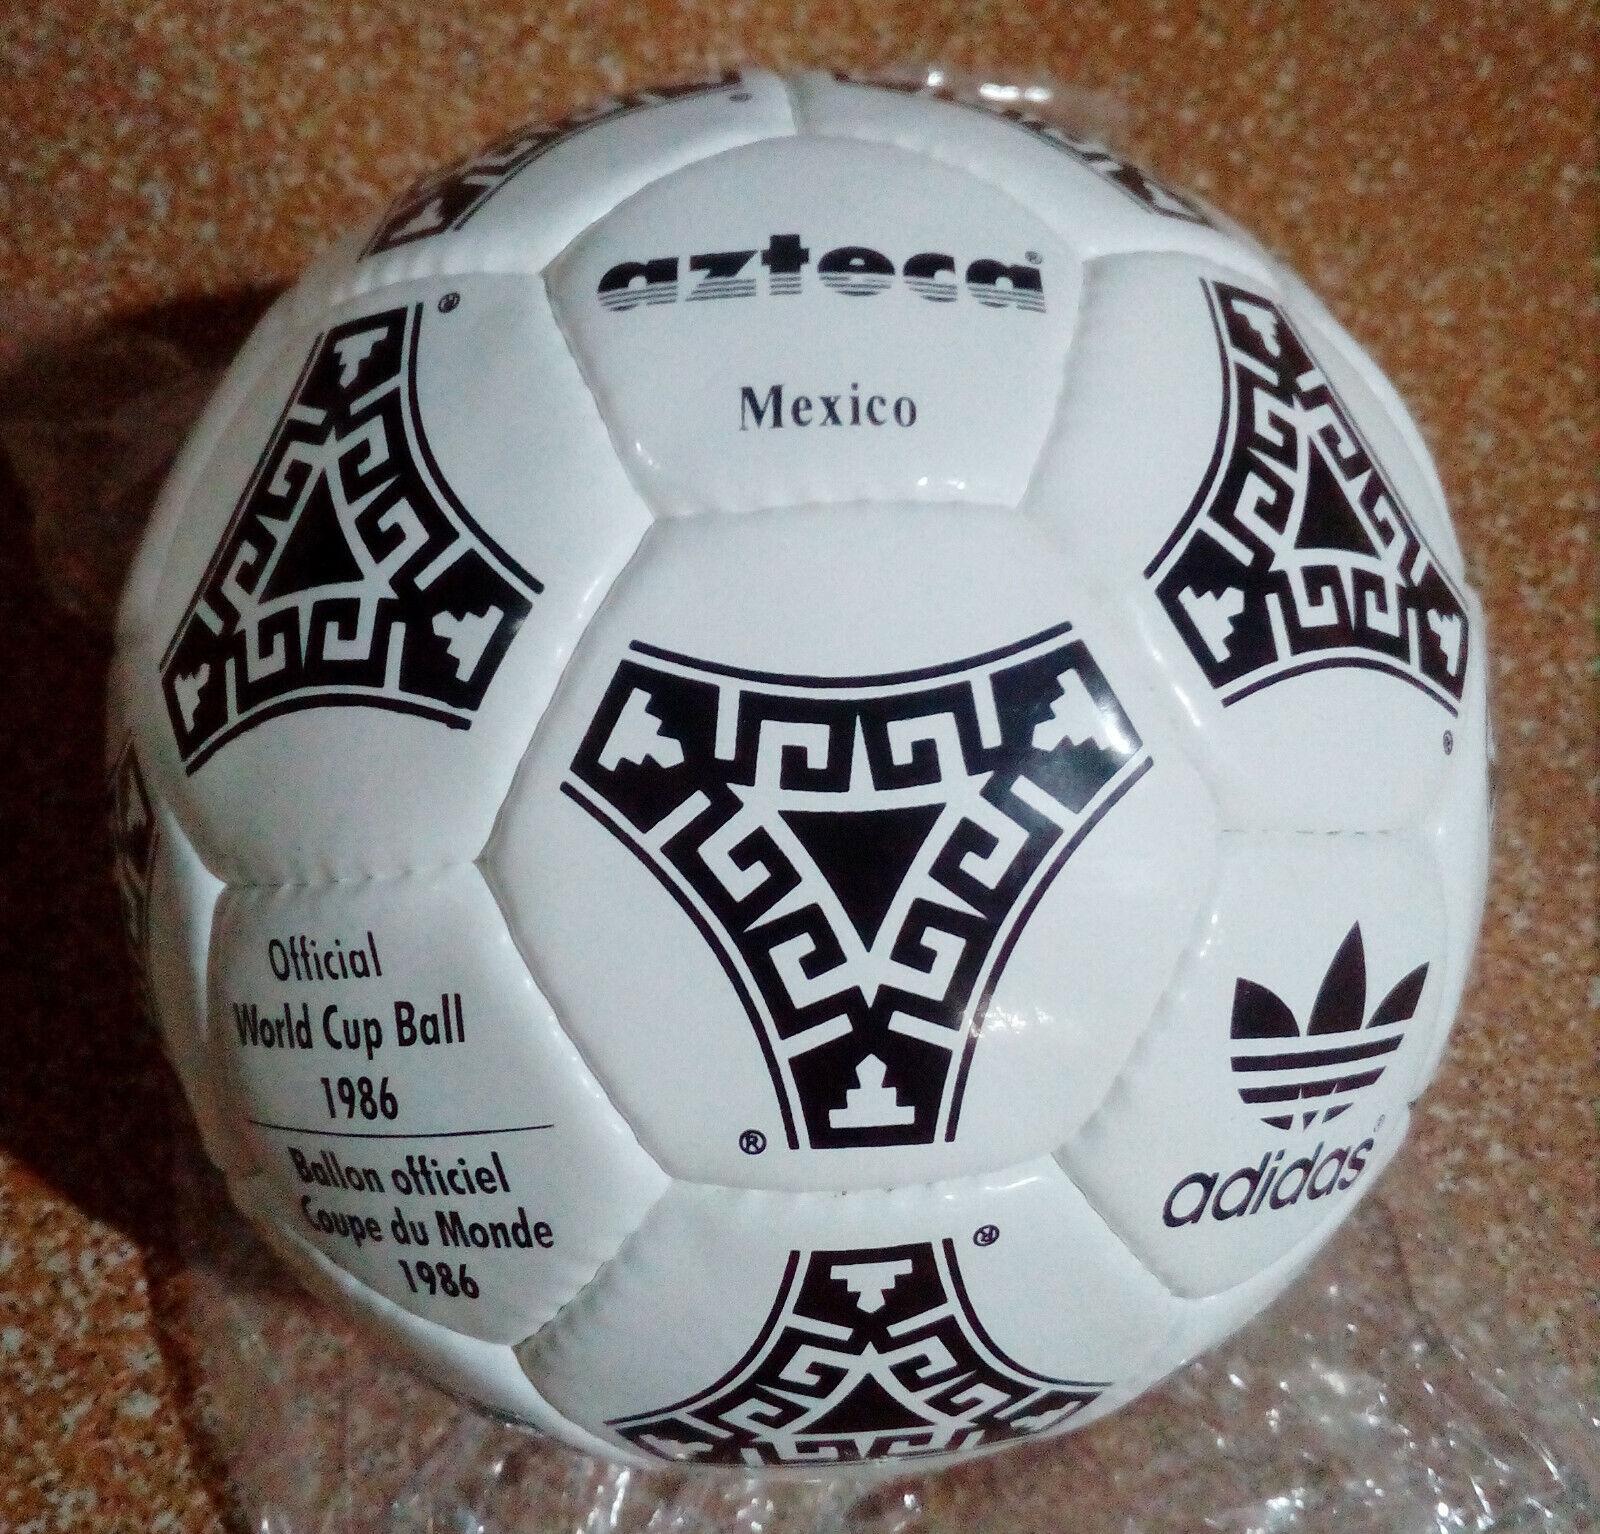 Adidas Azteca MEXICO Official Bola de Copa del Mundo 1986 Ballon oficial Coupe du Monde